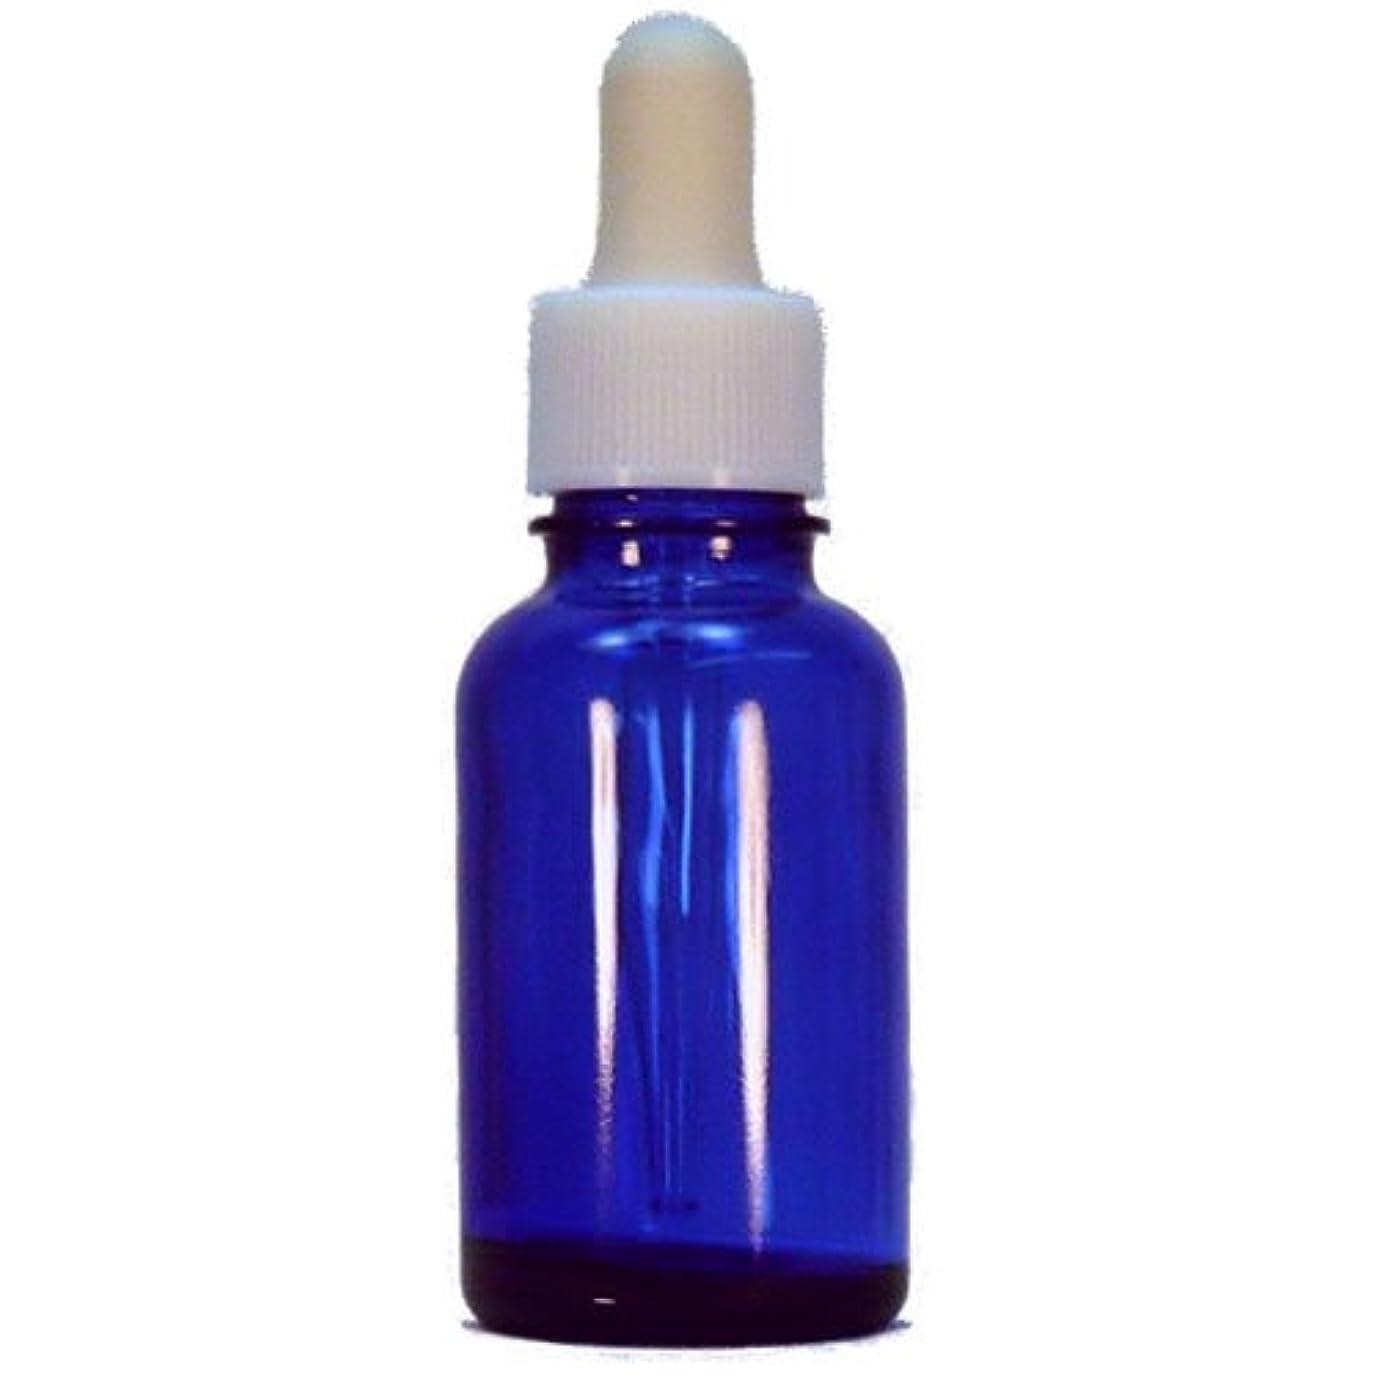 微弱検査官ケニアミキシングボトル ブルー 10ml 3本セット